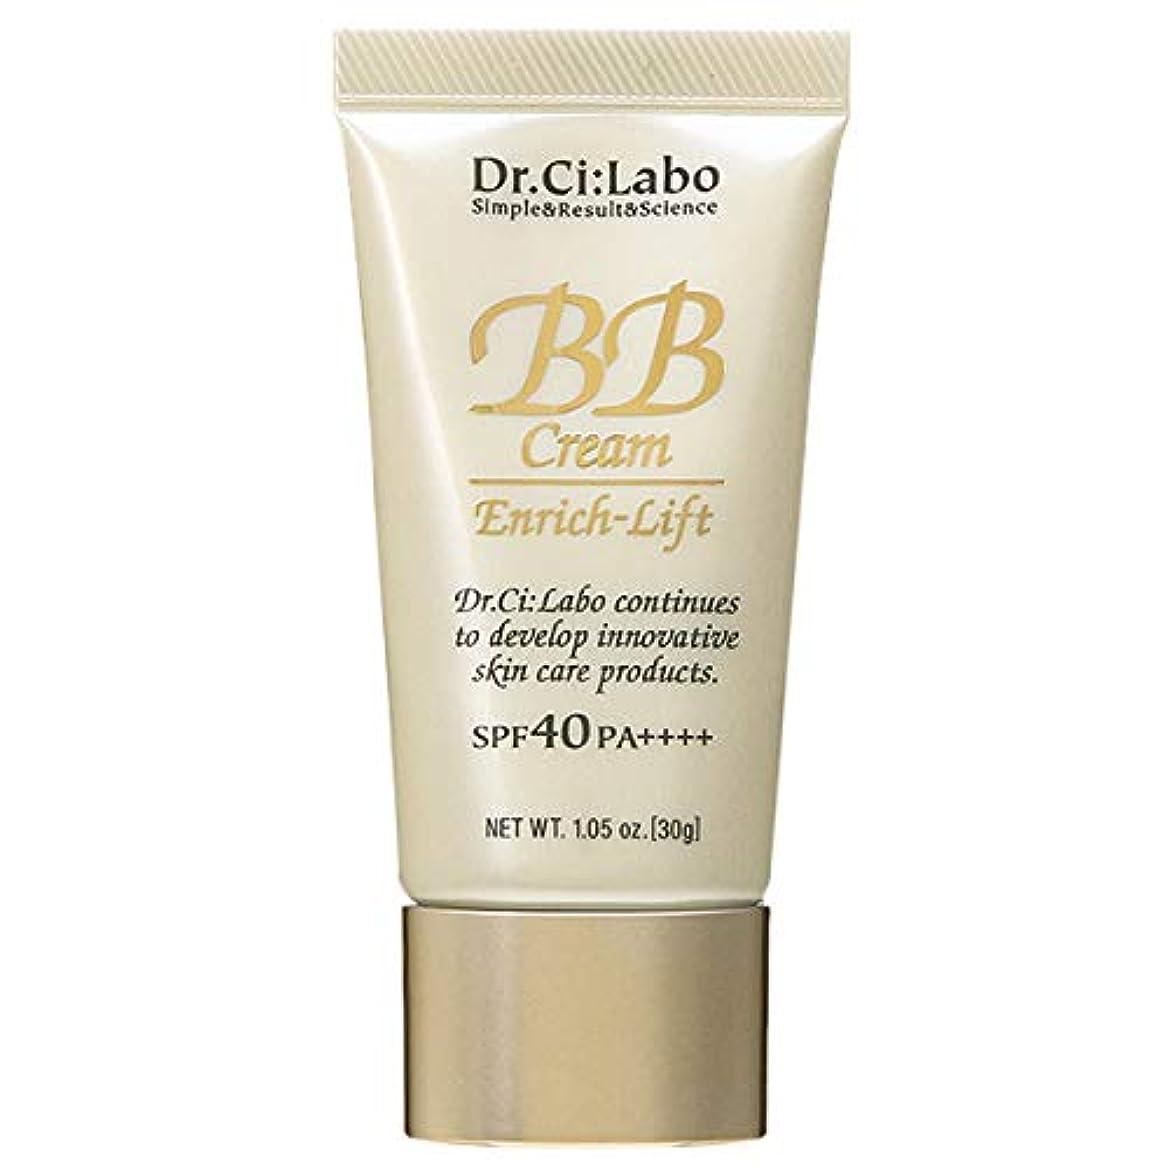 真っ逆さまブランデー活気づけるドクターシーラボ Dr.Ci:Labo BBクリーム エンリッチリフトLN18 SPF40 PA++++ 30g